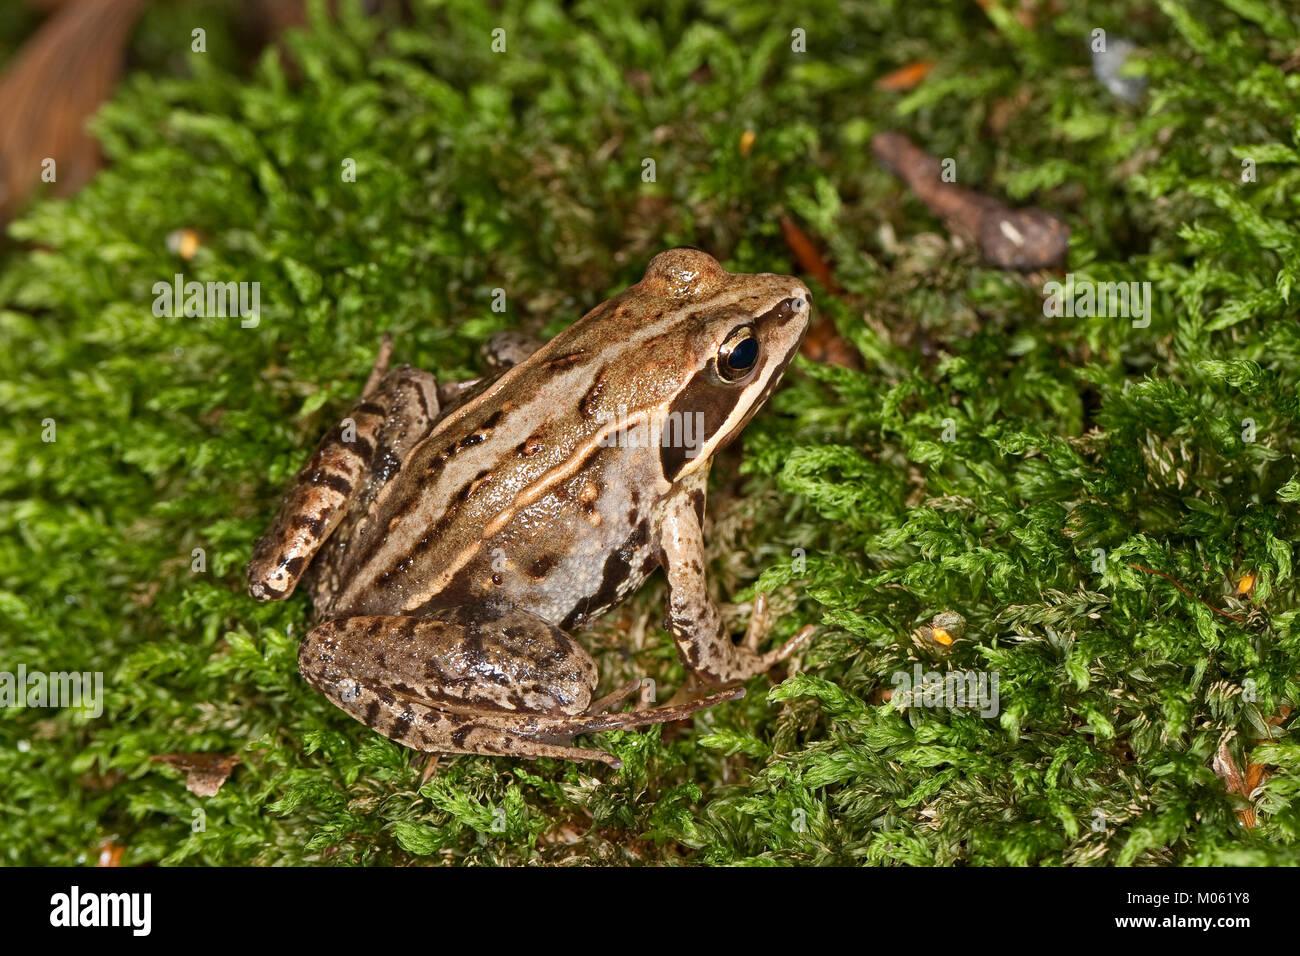 Moorfrosch, Moor-Frosch, Frosch, Rana arvalis, Moor Frog - Stock Image